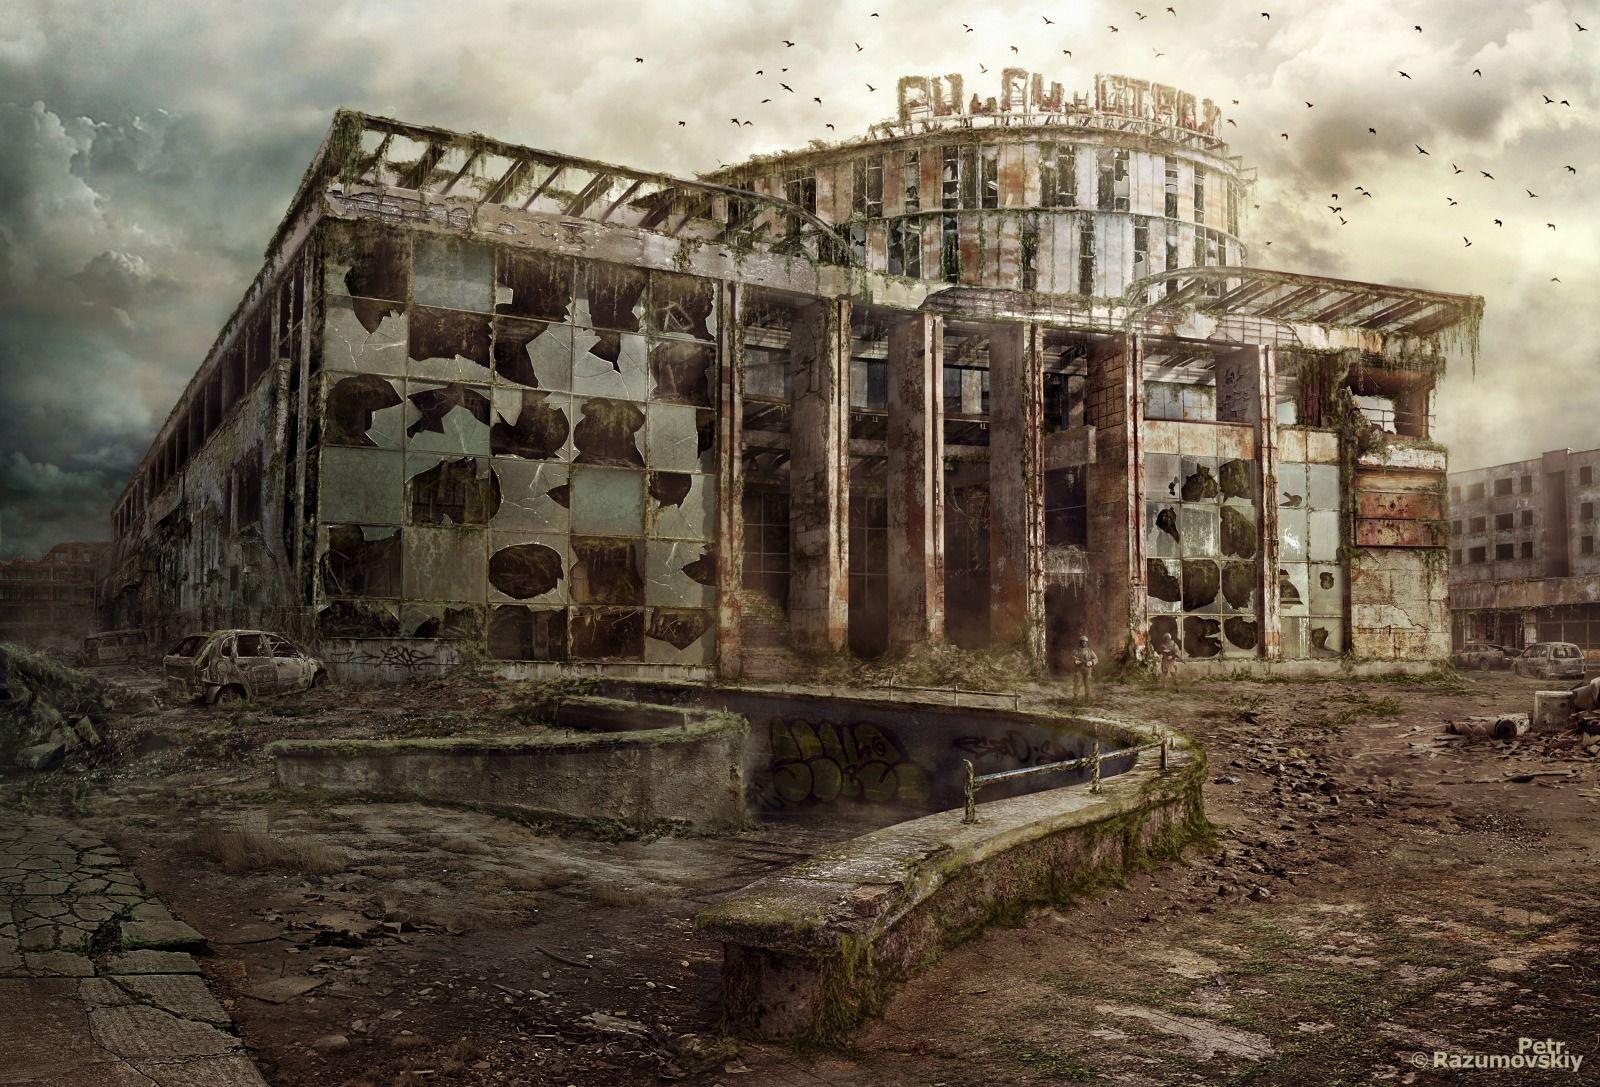 Épinglé Par Aaron Chadwick Sur Pubg: Épinglé Par Bryan Guerrero Sur Fallout RPG